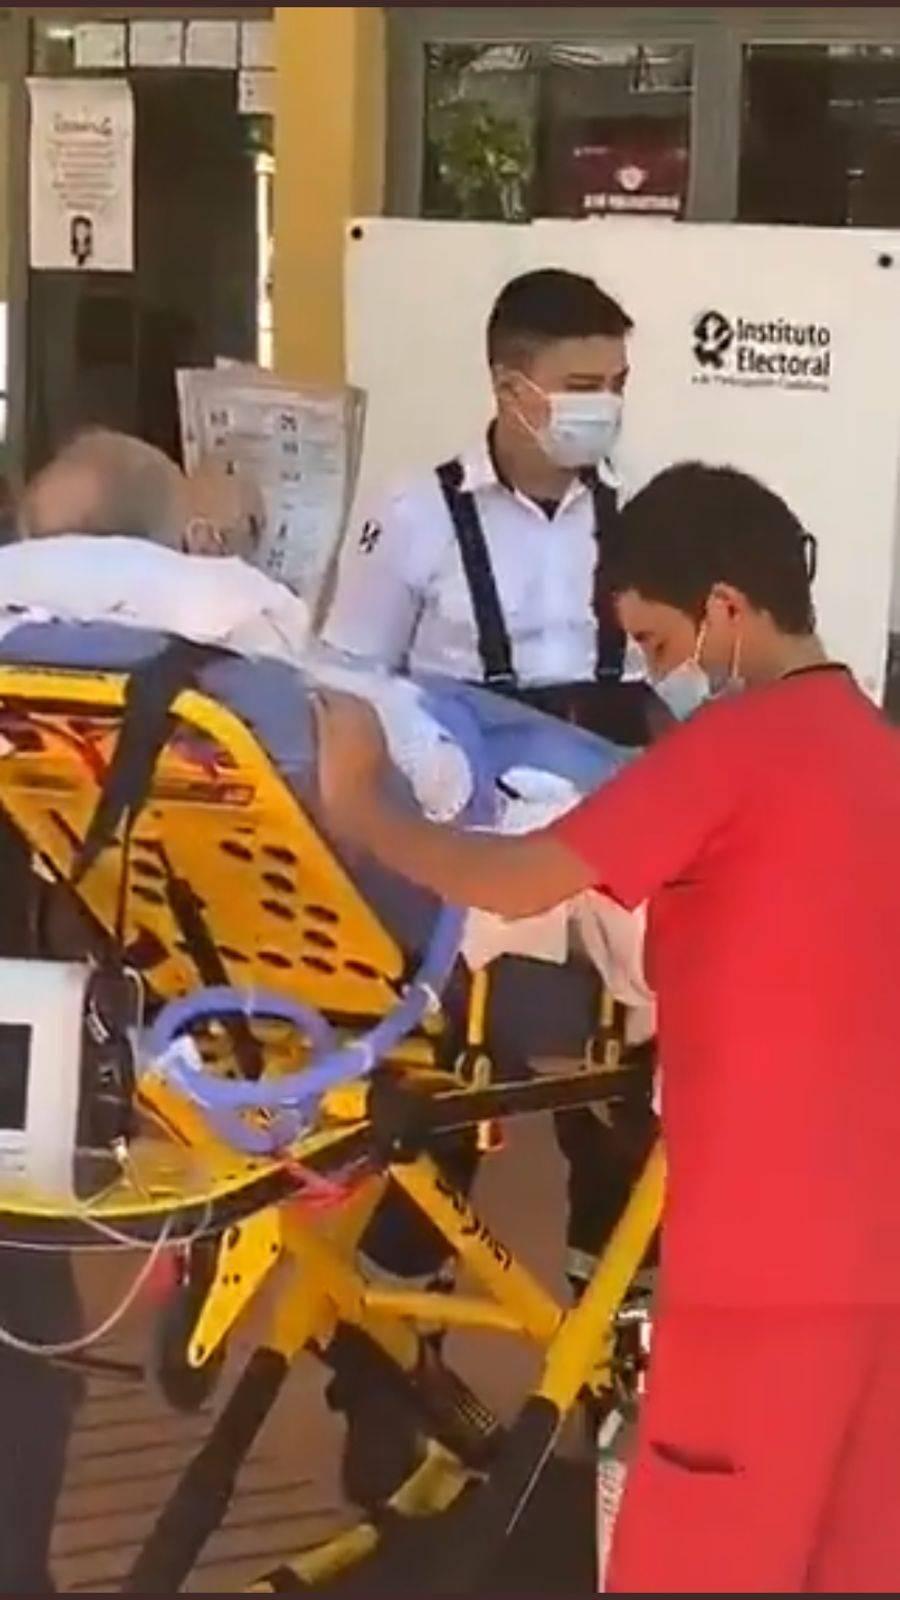 Video: En camilla y con tanque de oxígeno, abuelito acude a votar